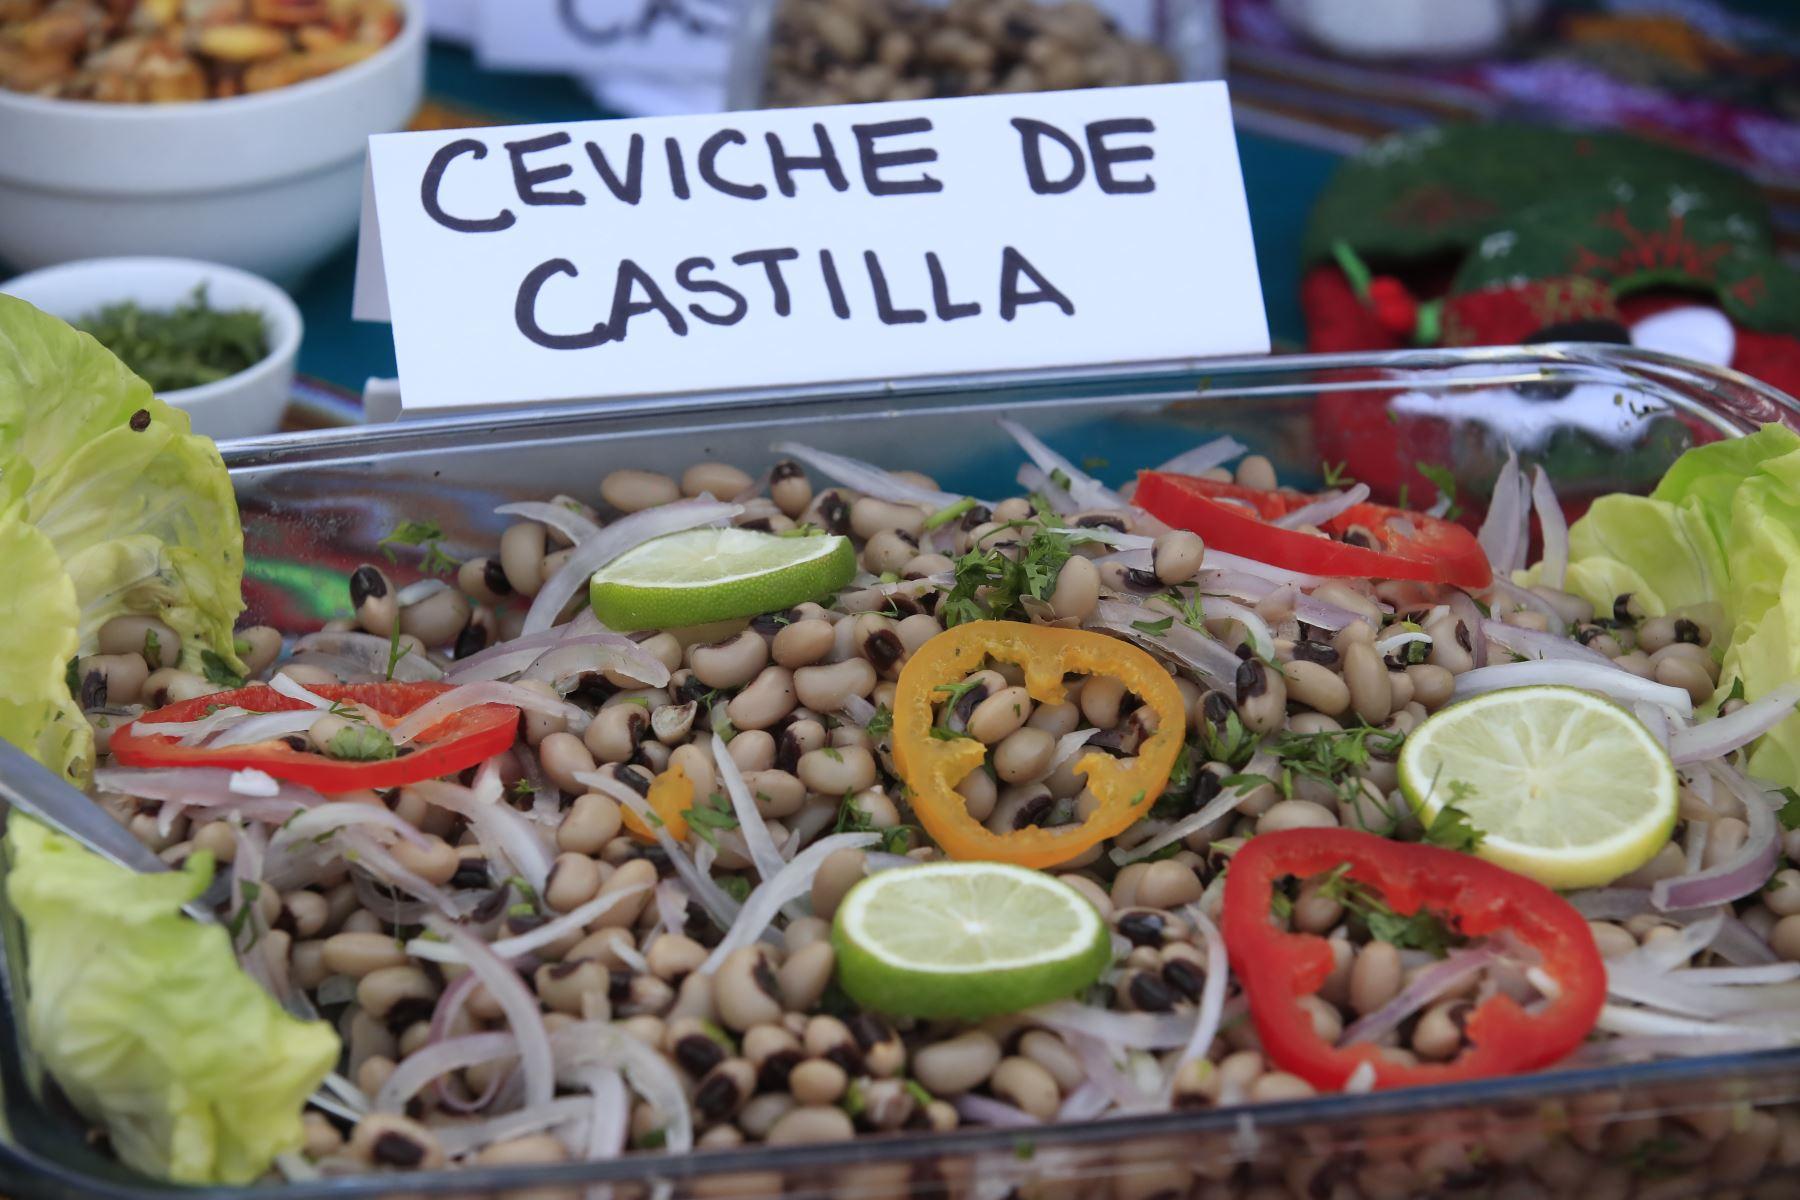 El Ministerio de Agricultura y Riego (MinagriI) organiza feria navideña donde se exhiben alternativas de comida y diversos productos de todas las regiones del país en el distrito de Lince.  Foto:ANDINA / Juan Carlos Guzmán Negrini